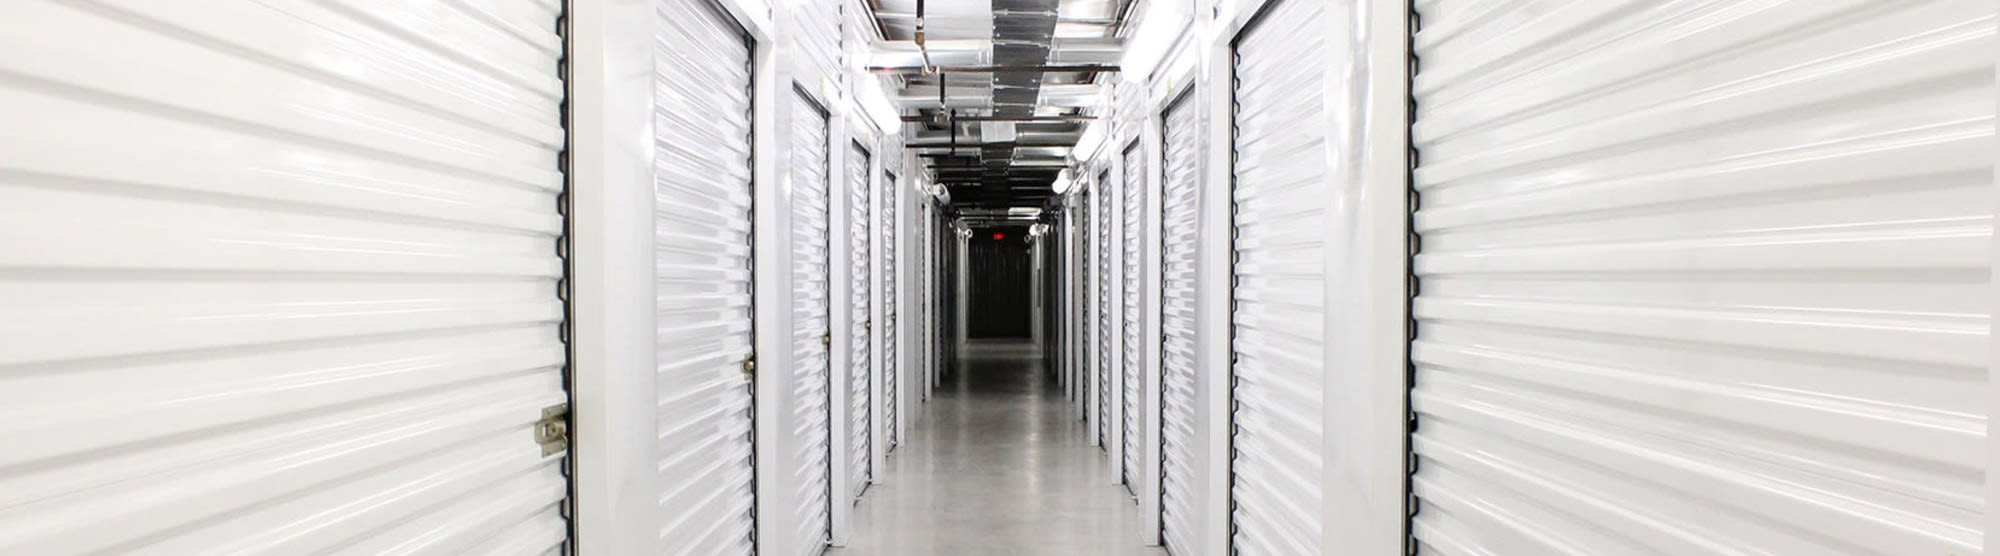 StayLock Storage in Albany, Georgia